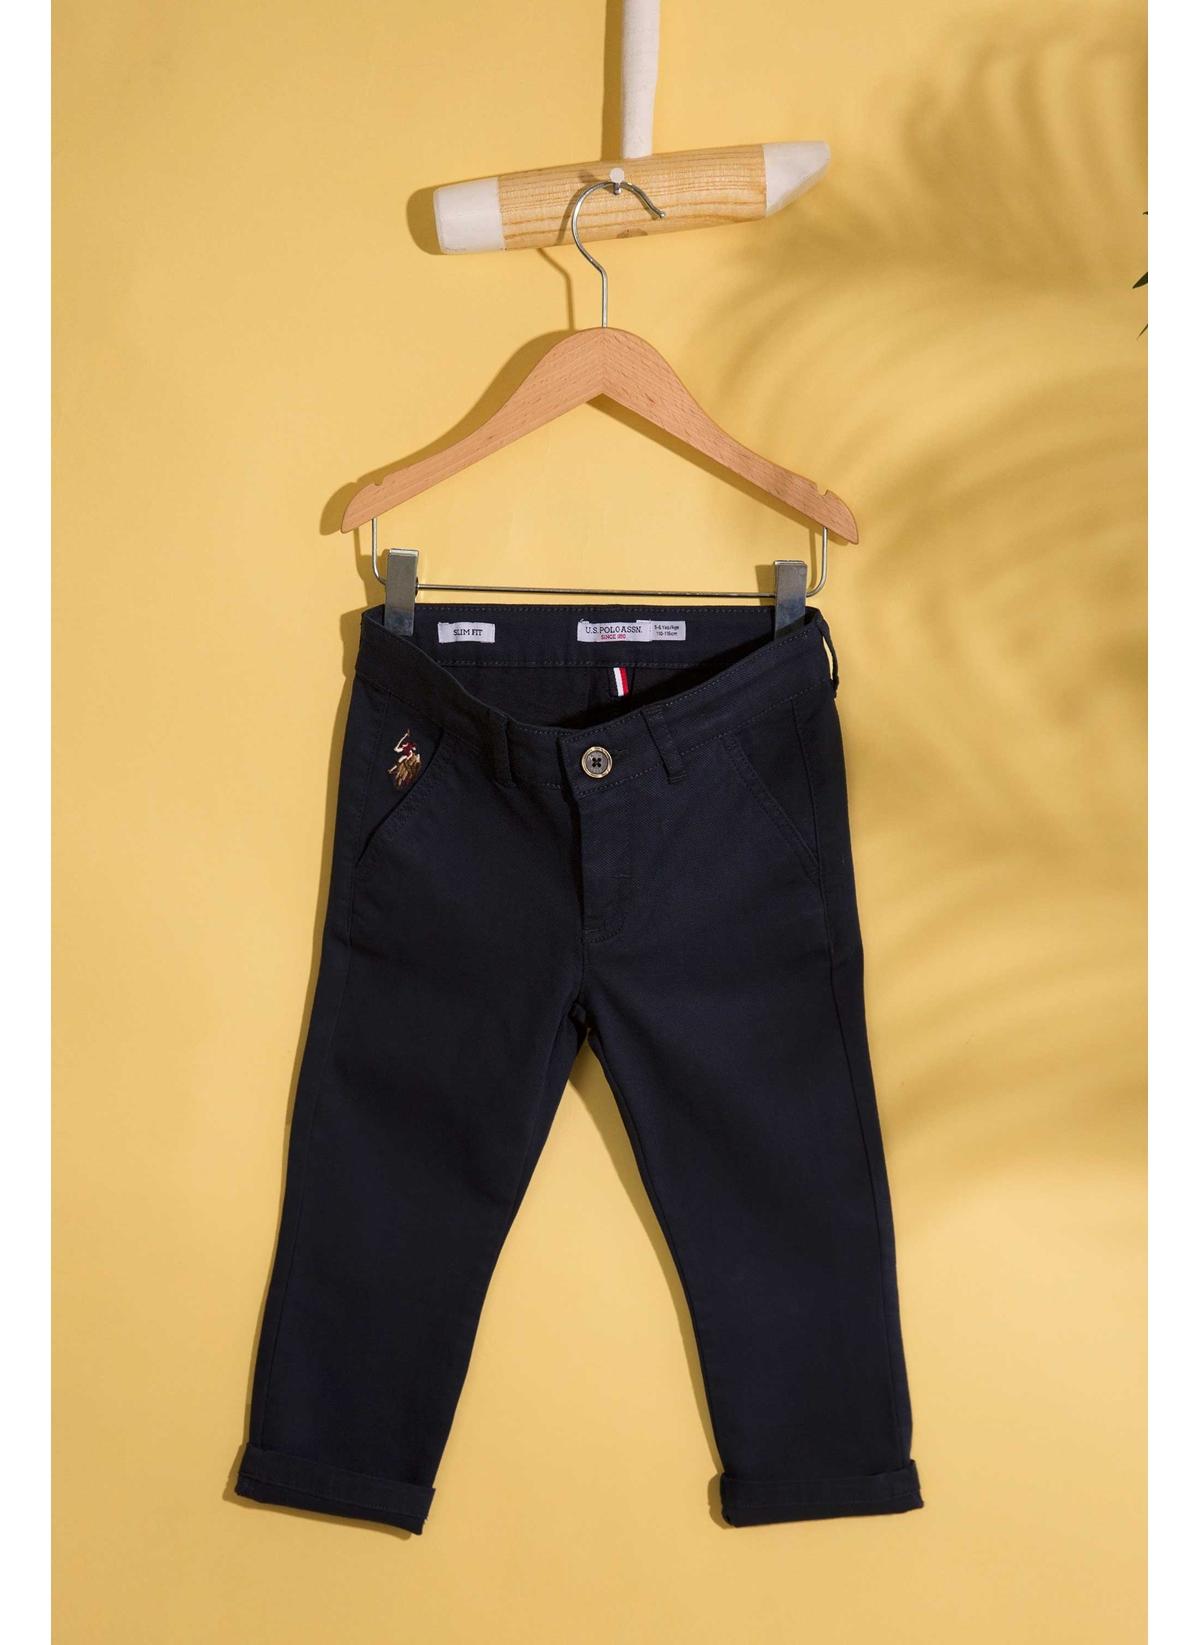 U.S. Polo Assn. Pantolon 13 Yaş 5001704578004 Ürün Resmi